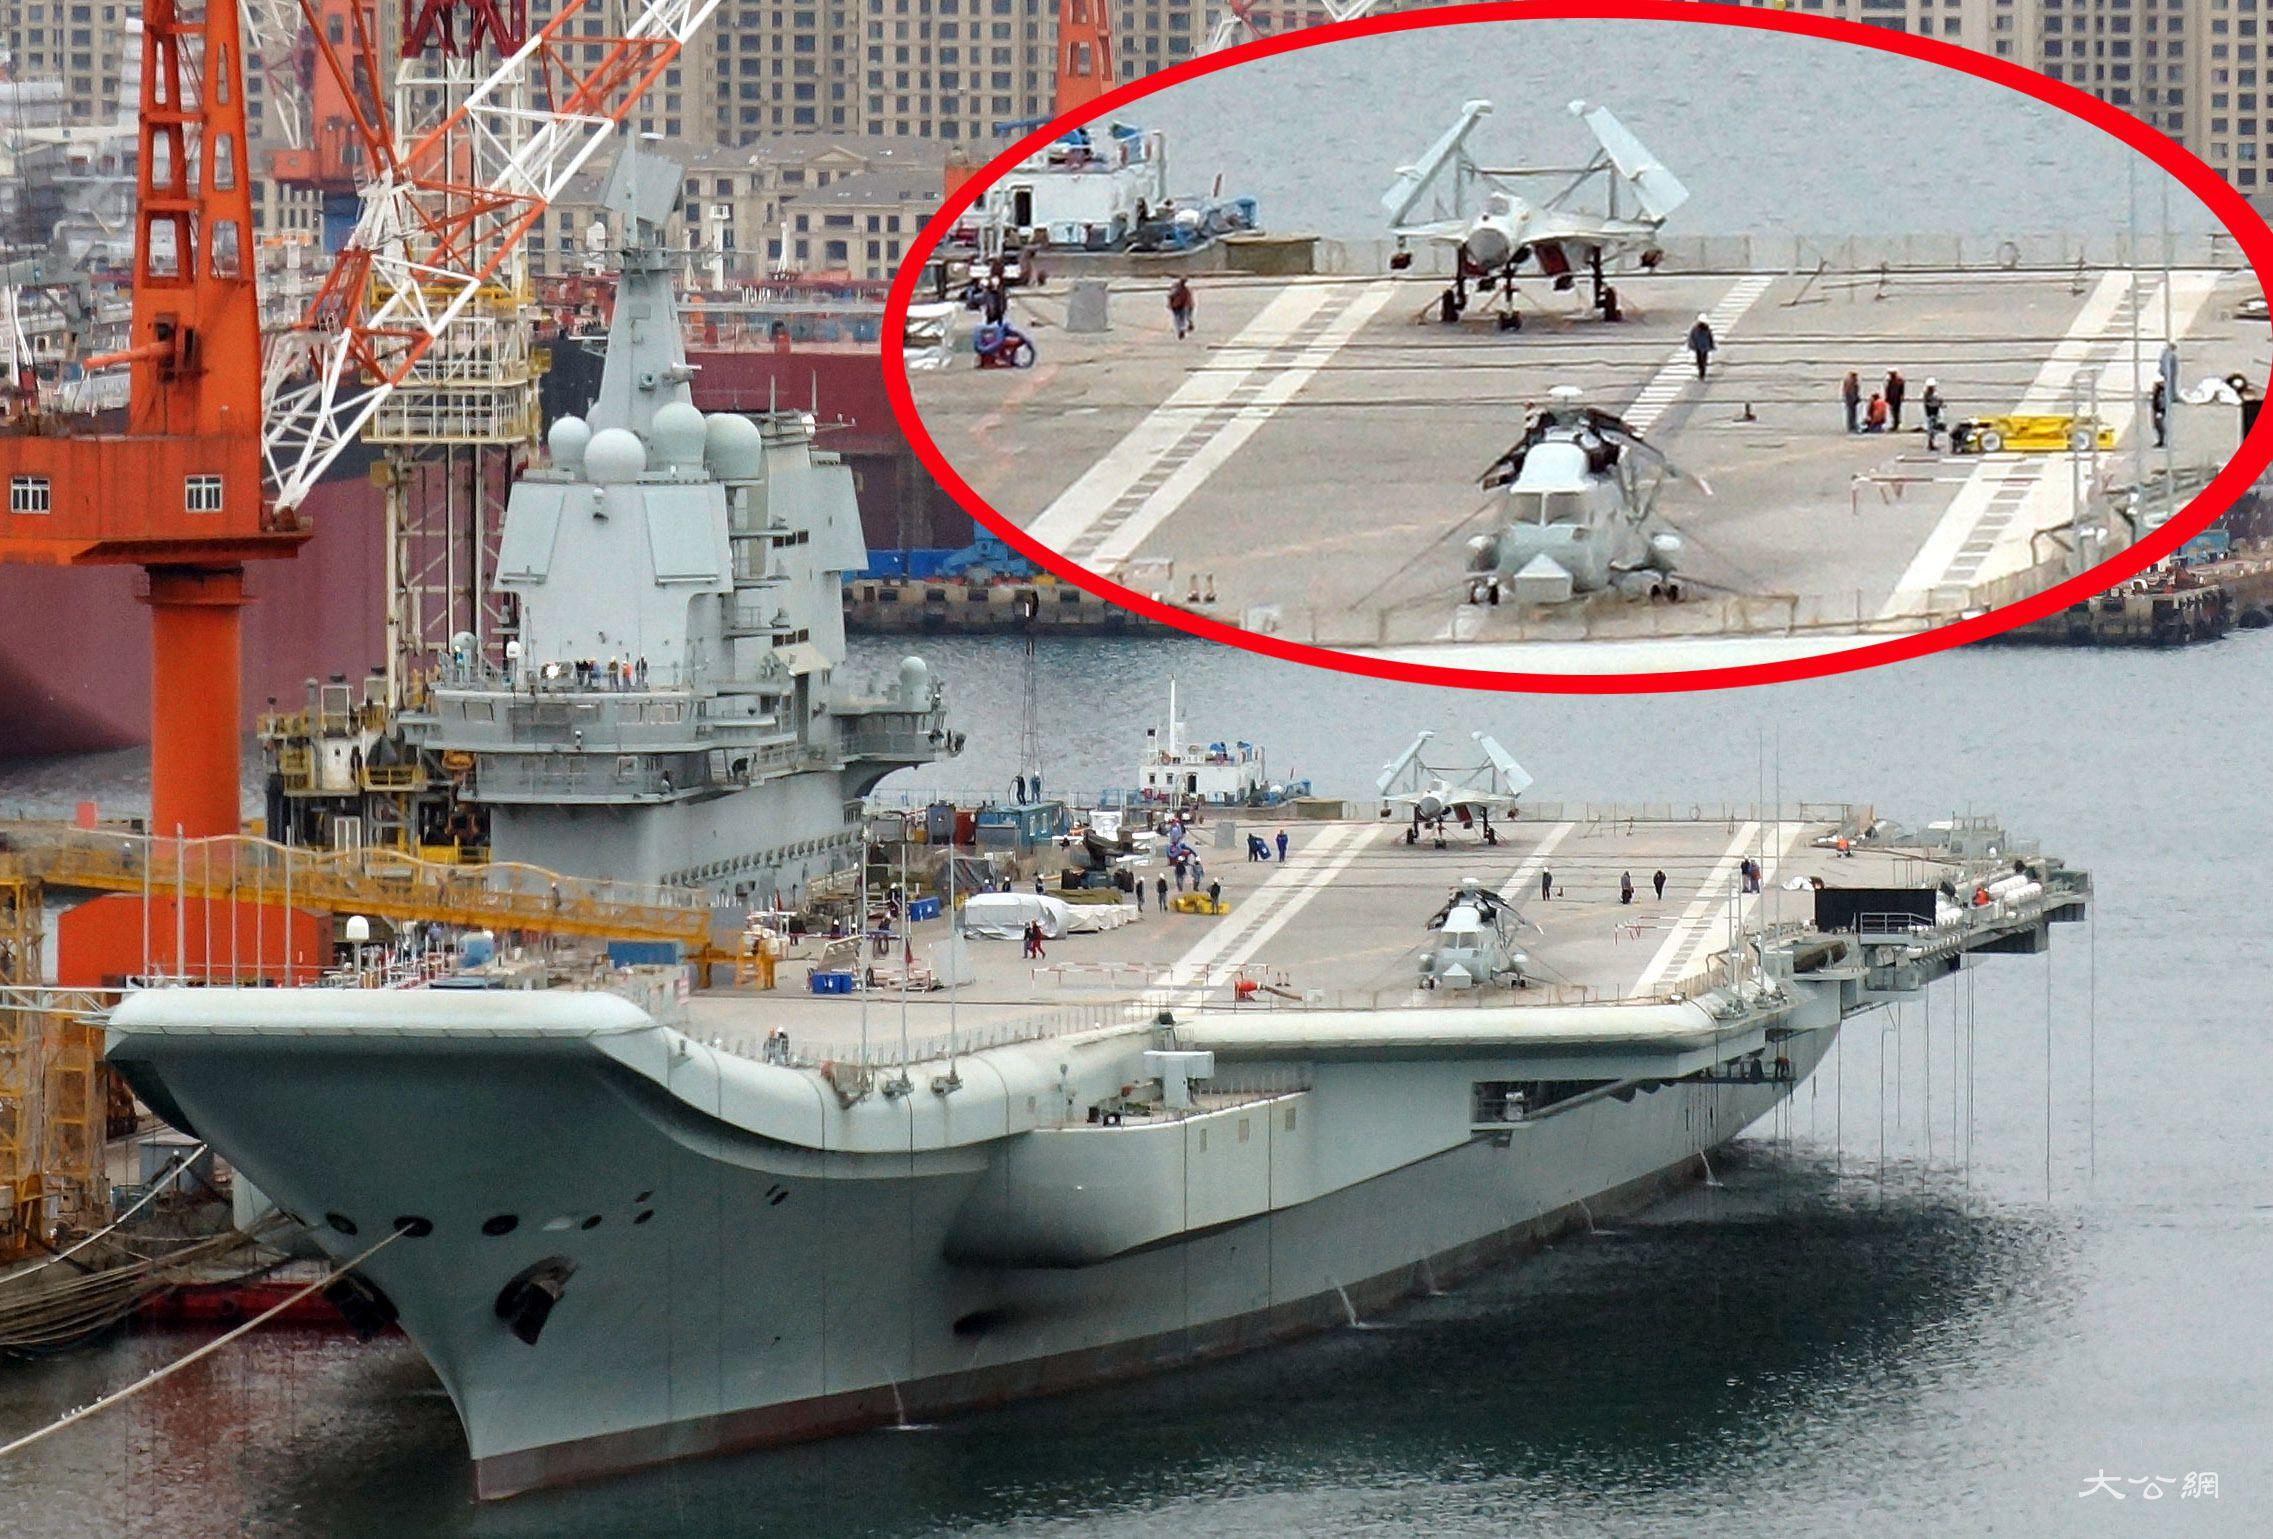 甲板牵引车亮相国产航母 辽宁舰主机升火测试